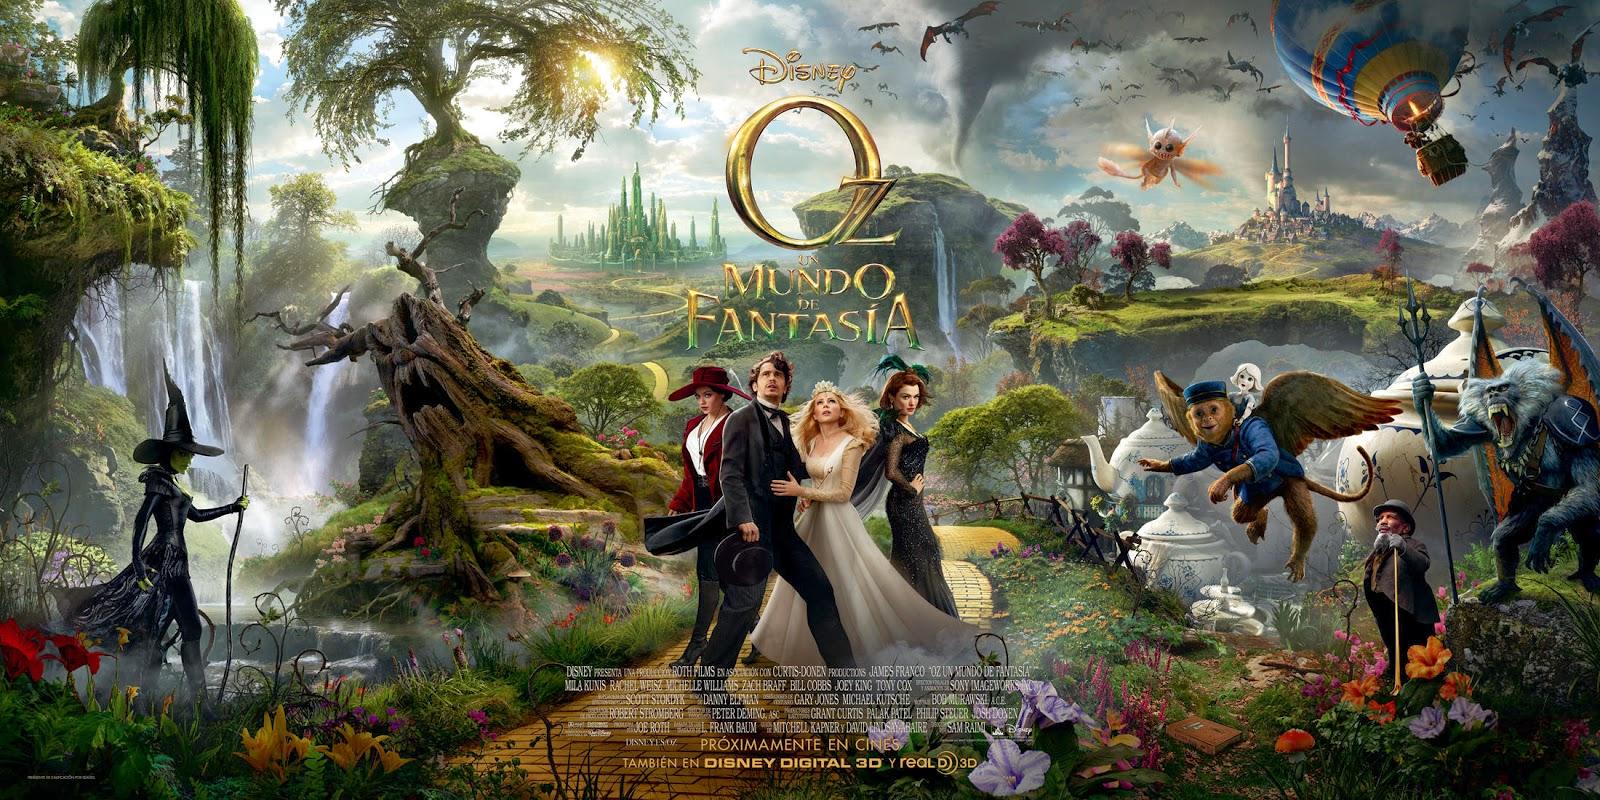 """Cine en C.C. Valdebernardo: """"Oz, el mundo de fantasía"""" Sábado 5.04 12 h."""